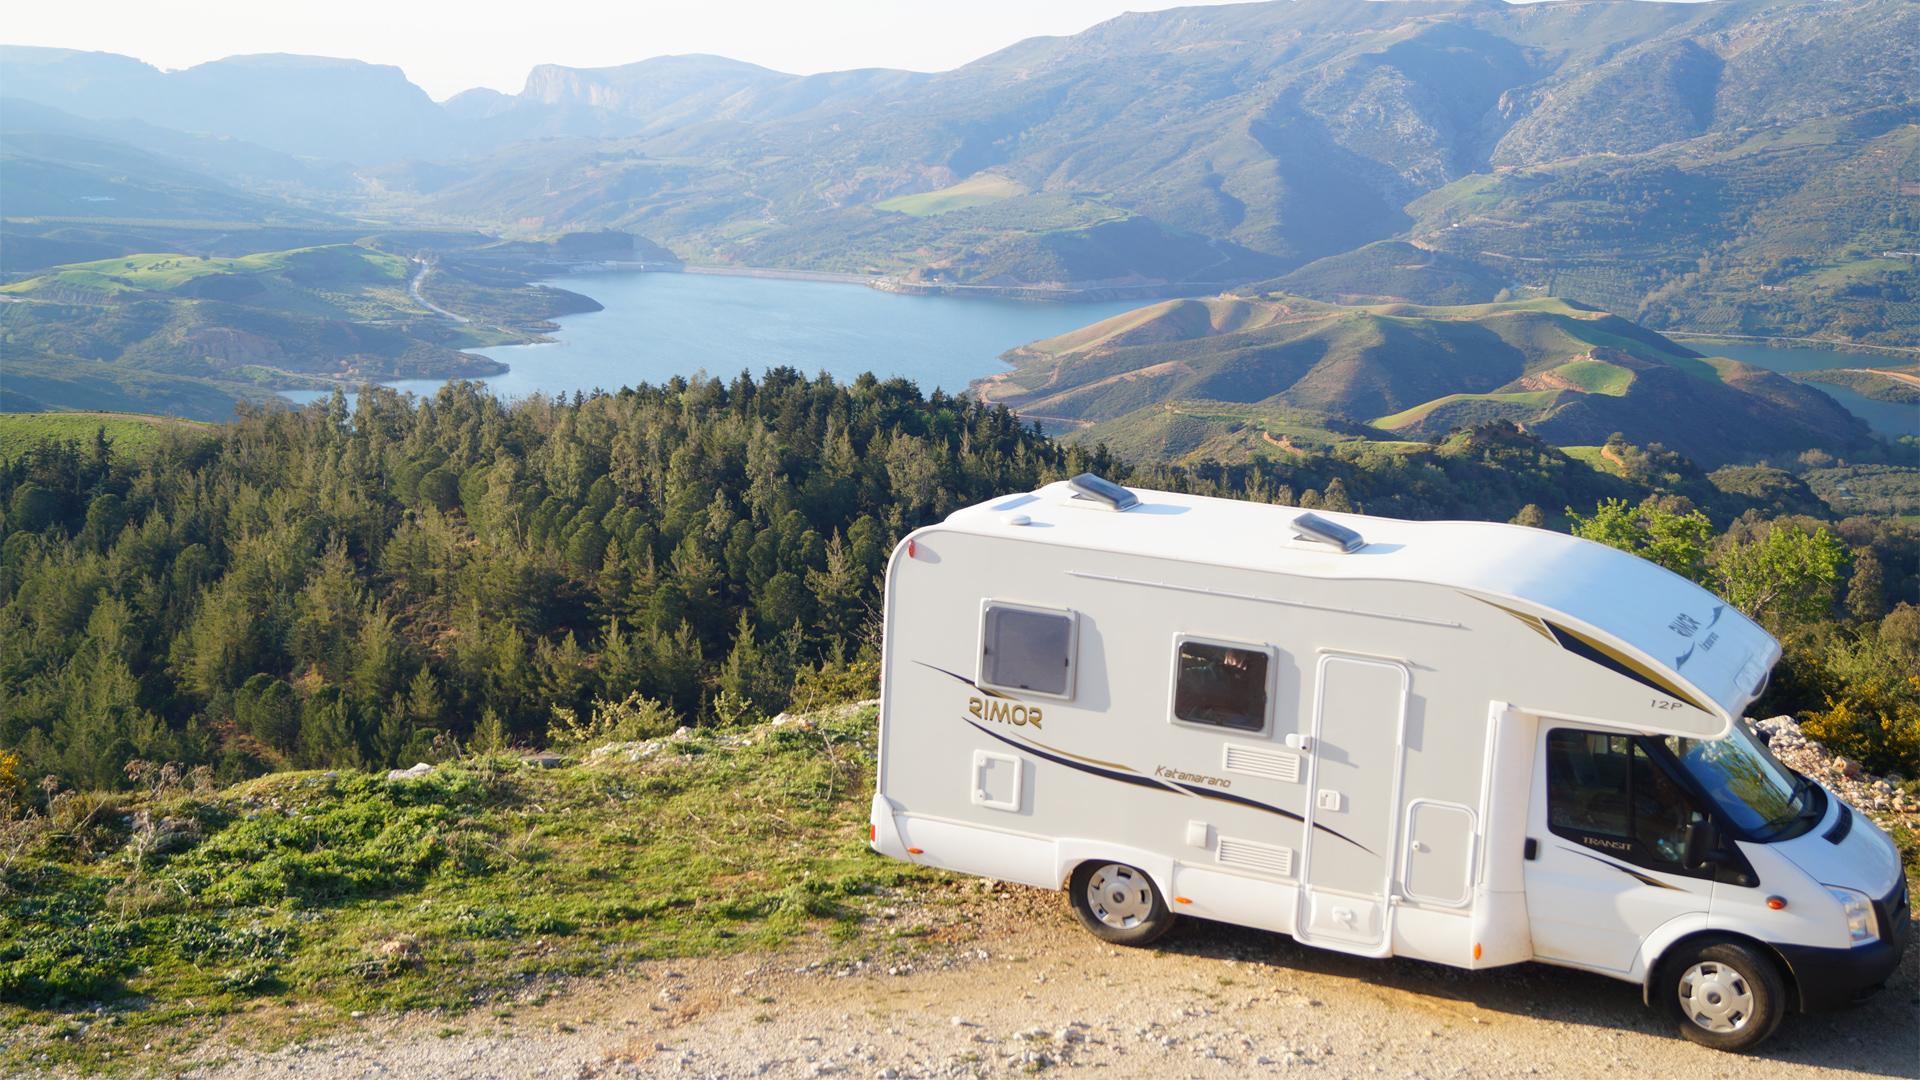 Location de camping car en cr te gr ce louez un camper for Tarif location garage pour camping car